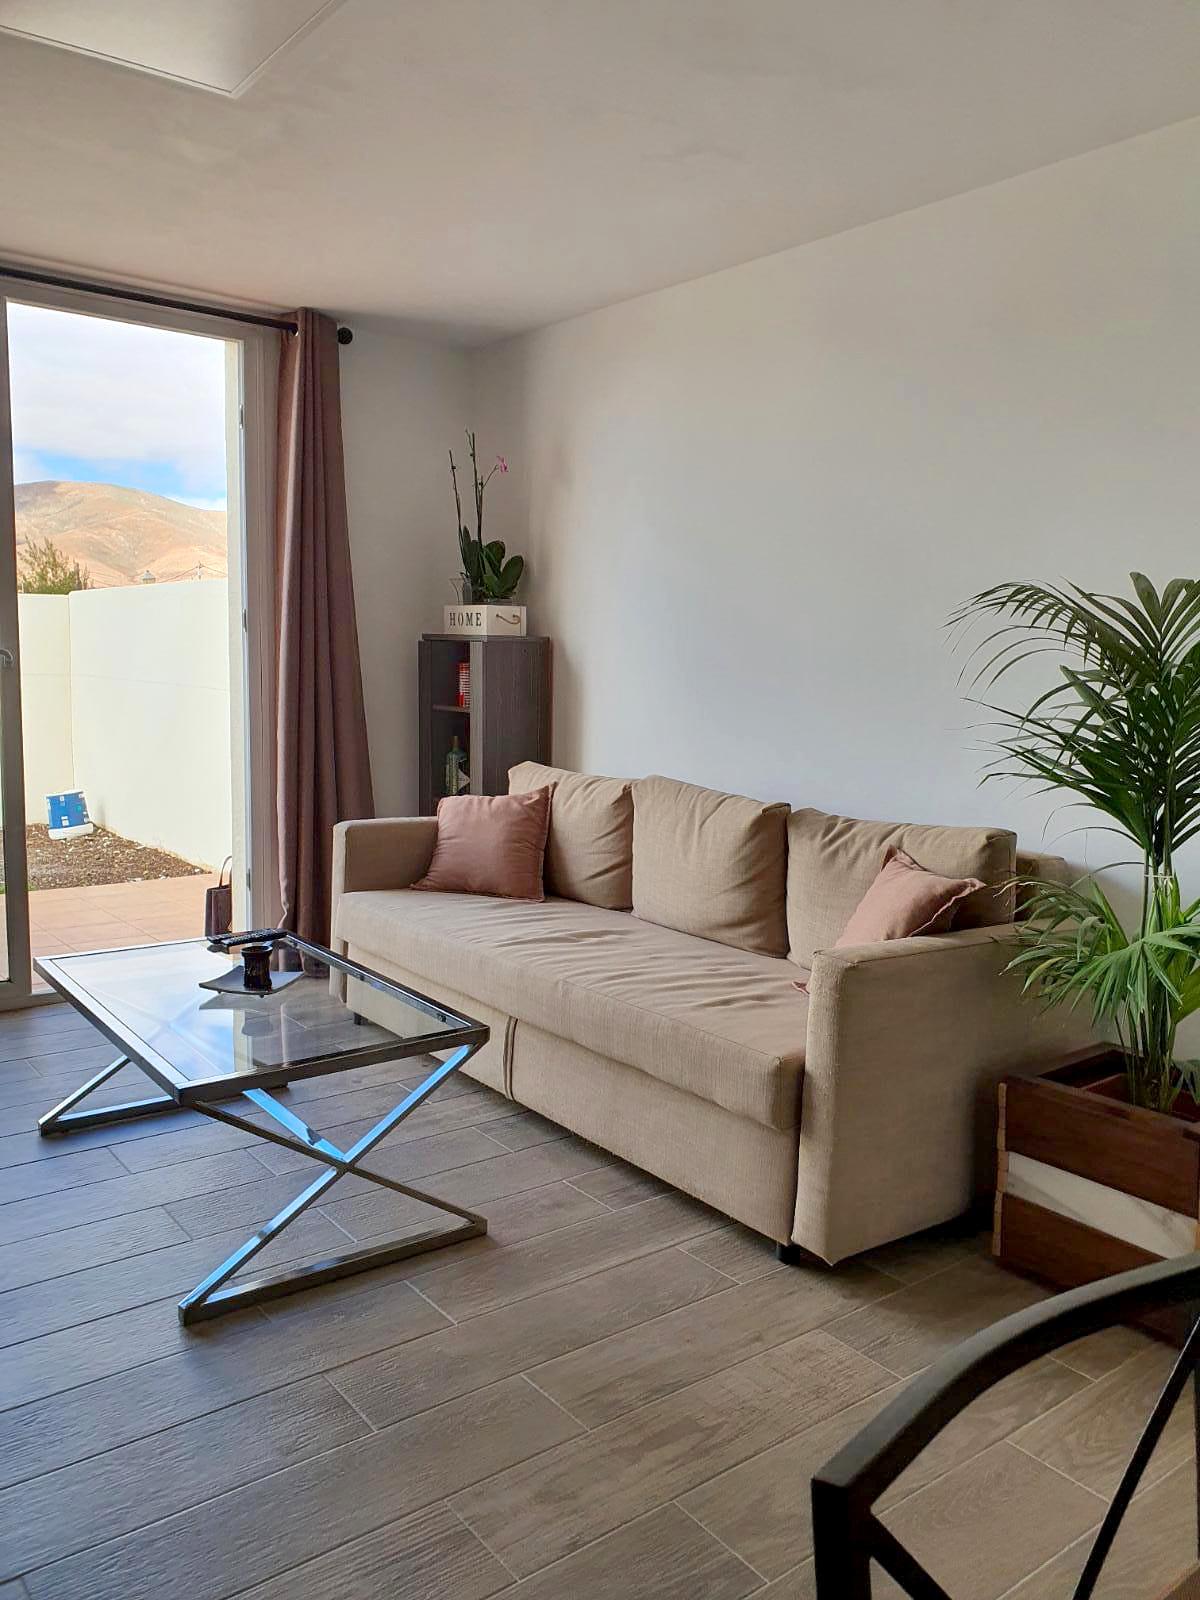 sofa in lounge